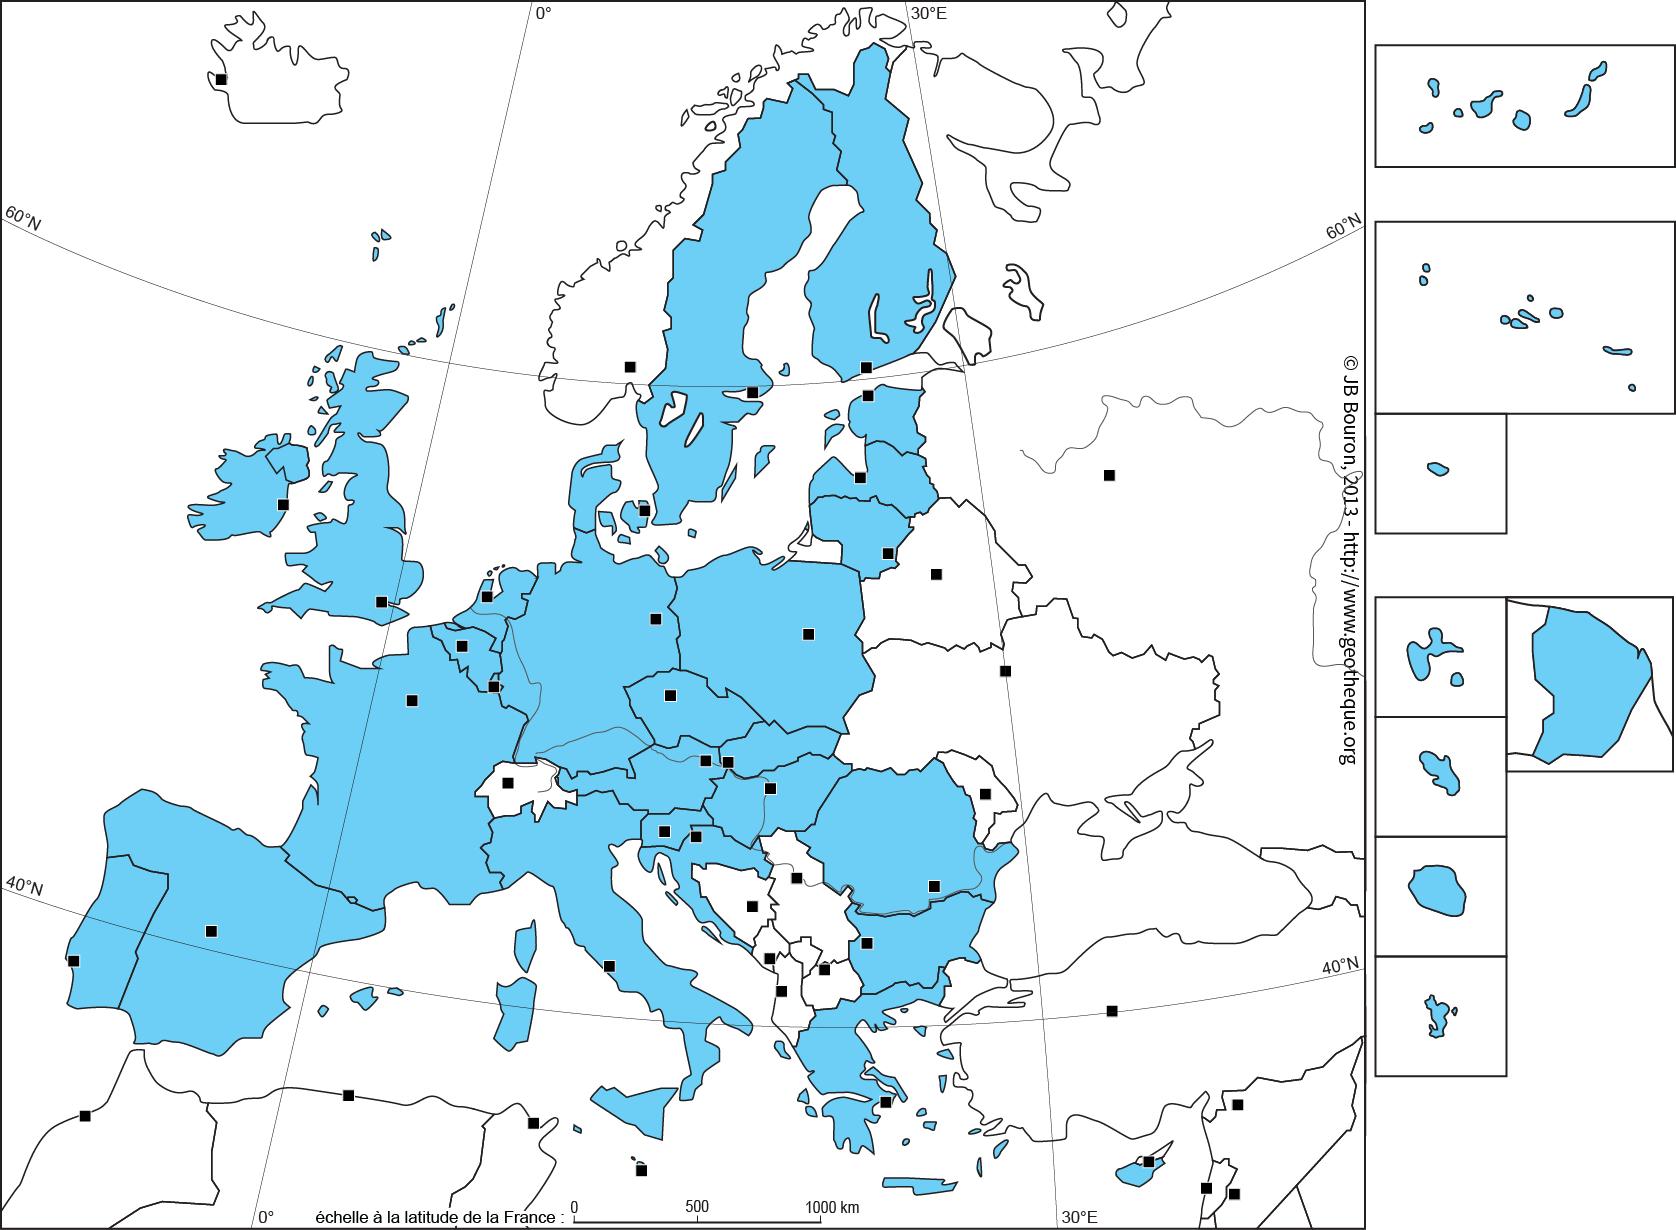 Fond De Carte De L'union Européenne À 28 - Ue28 - Eu28 Map serapportantà Pays Union Européenne Liste